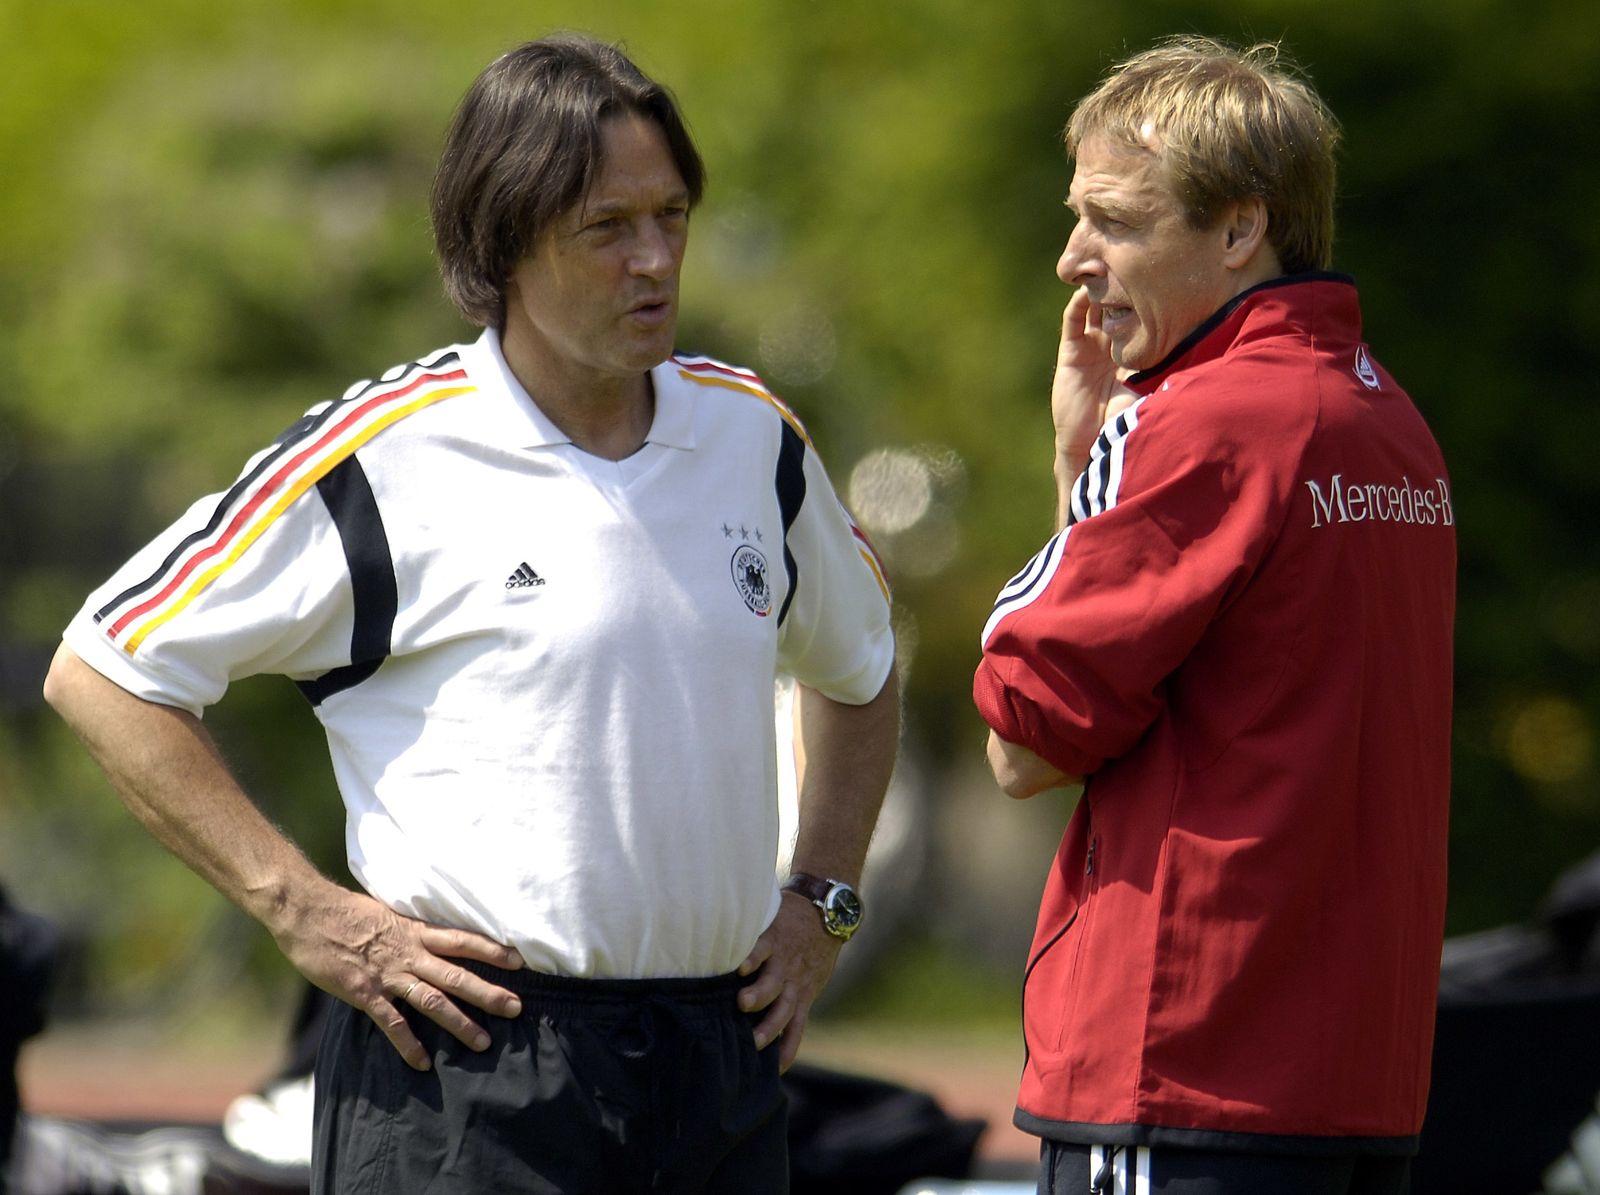 Training Nationalmannschaft - Klinsmann Müller-Wohlfahrt